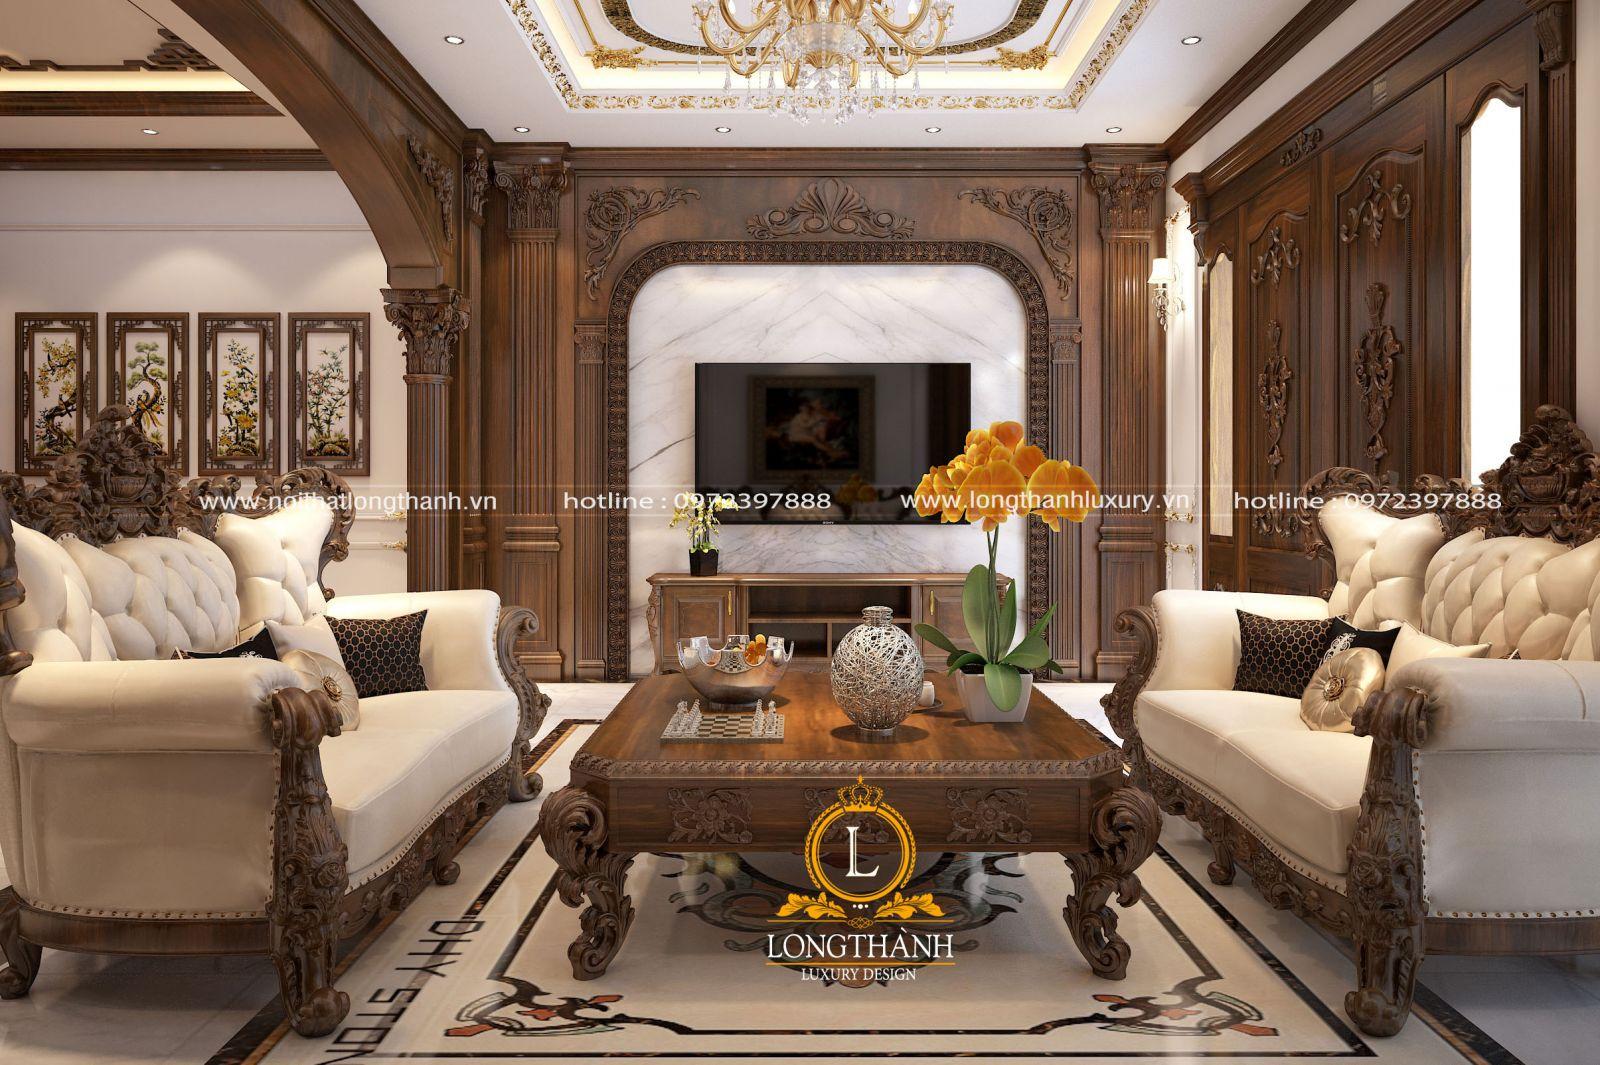 Bộ sofa phòng khách được lựa chọn thiết kế phù hợp cùng không gian nội thất